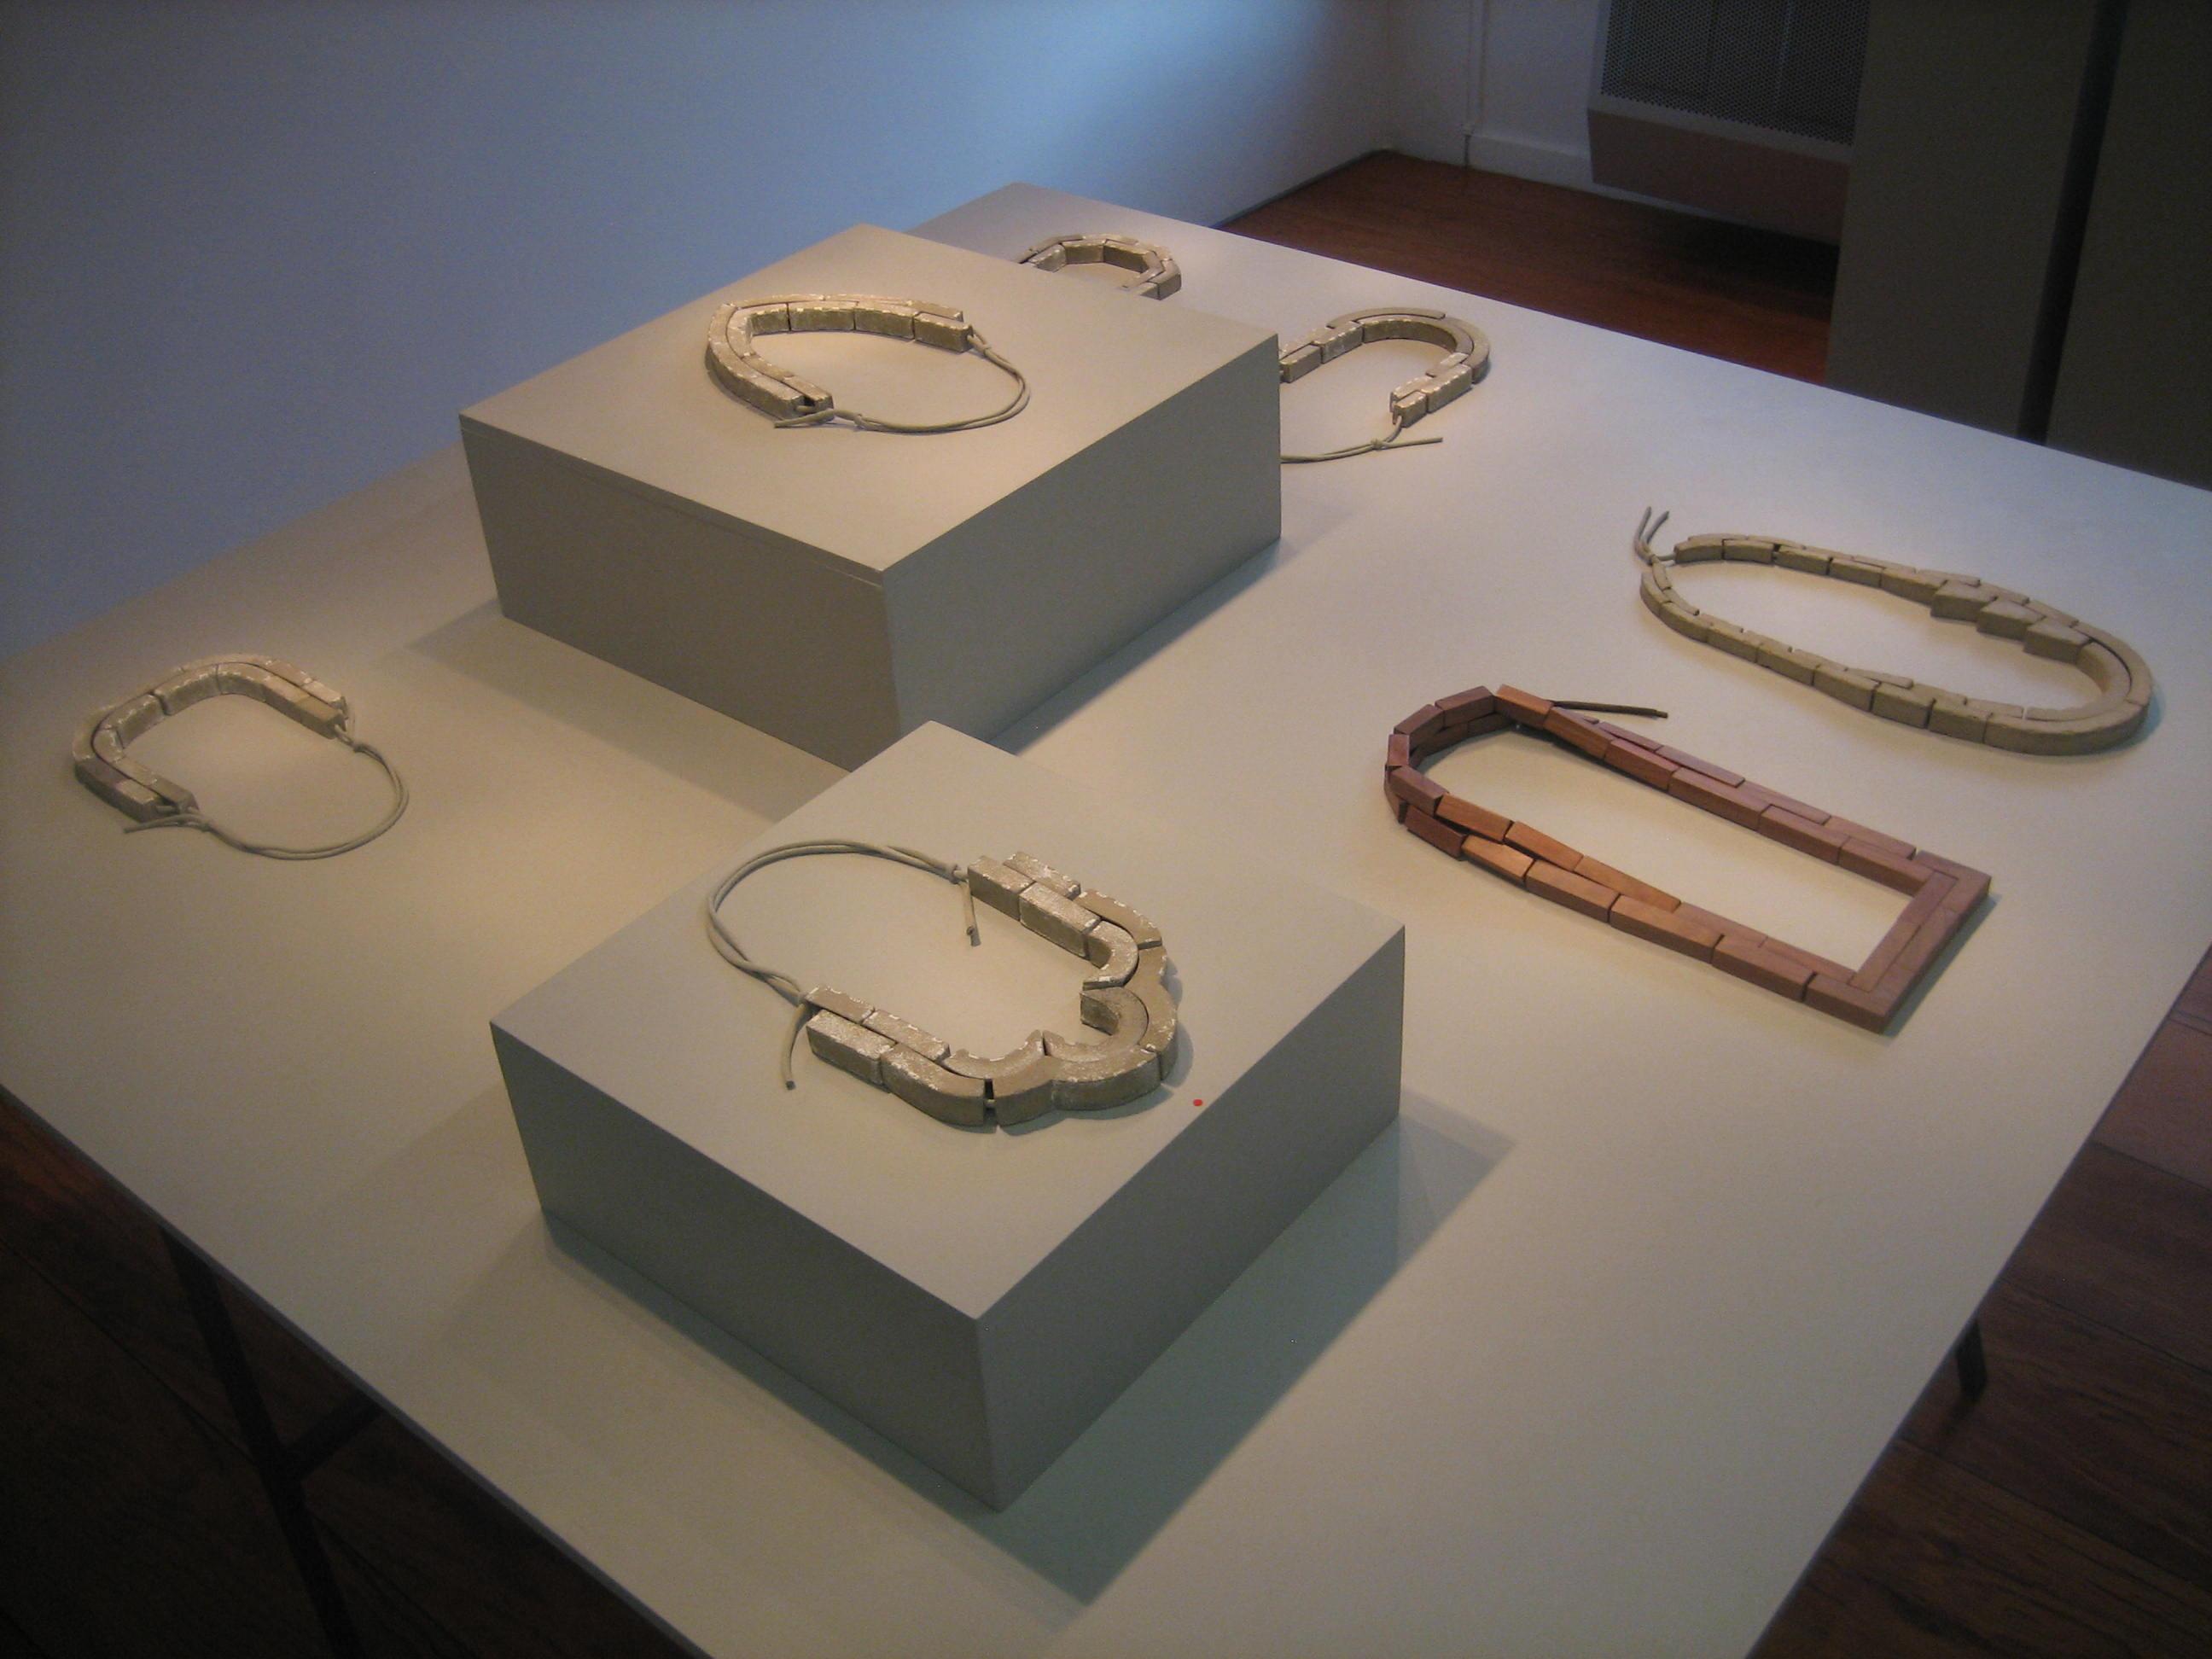 Samira Goetz, Reversed Arches, Galerie Rob Koudijs, 2019. Foto Esther Doornbusch, CC BY 4.0